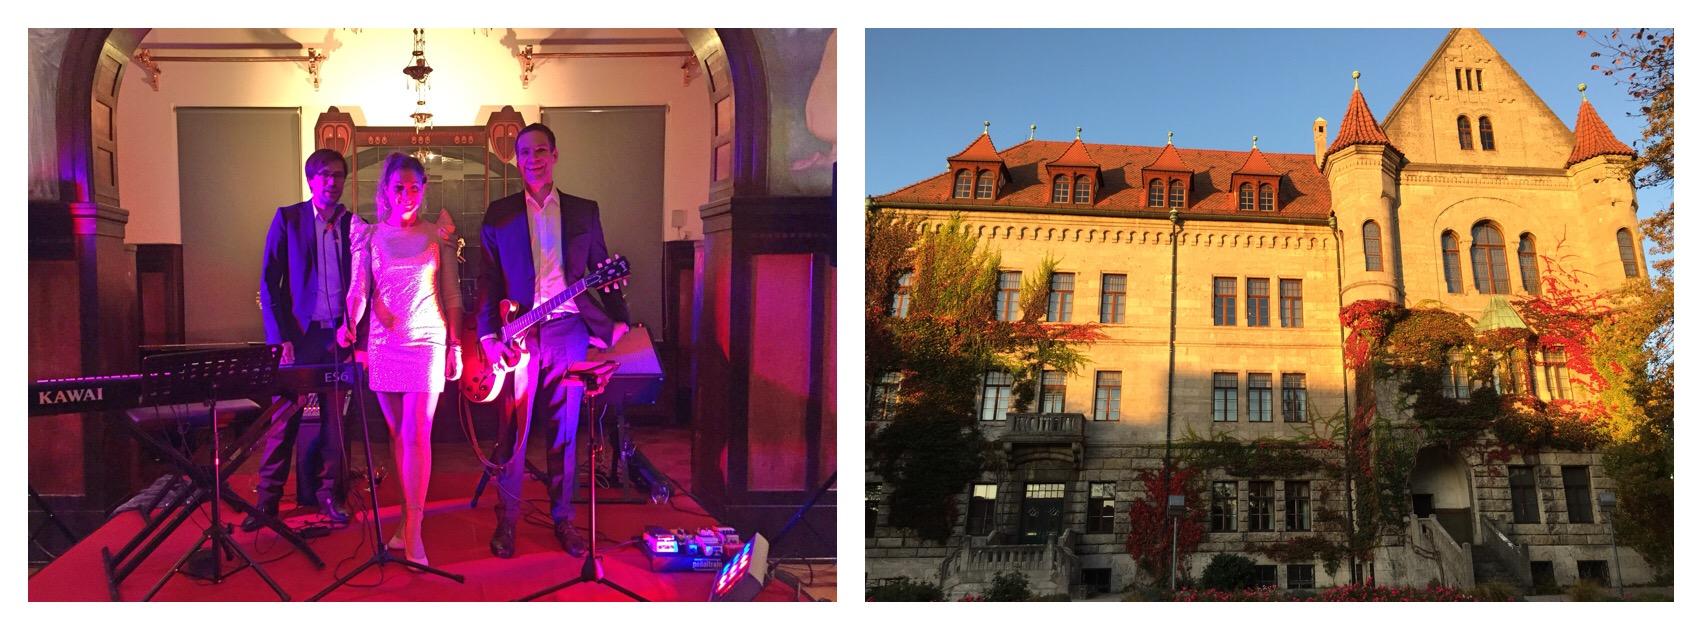 band-nuernberg-musik-lounge